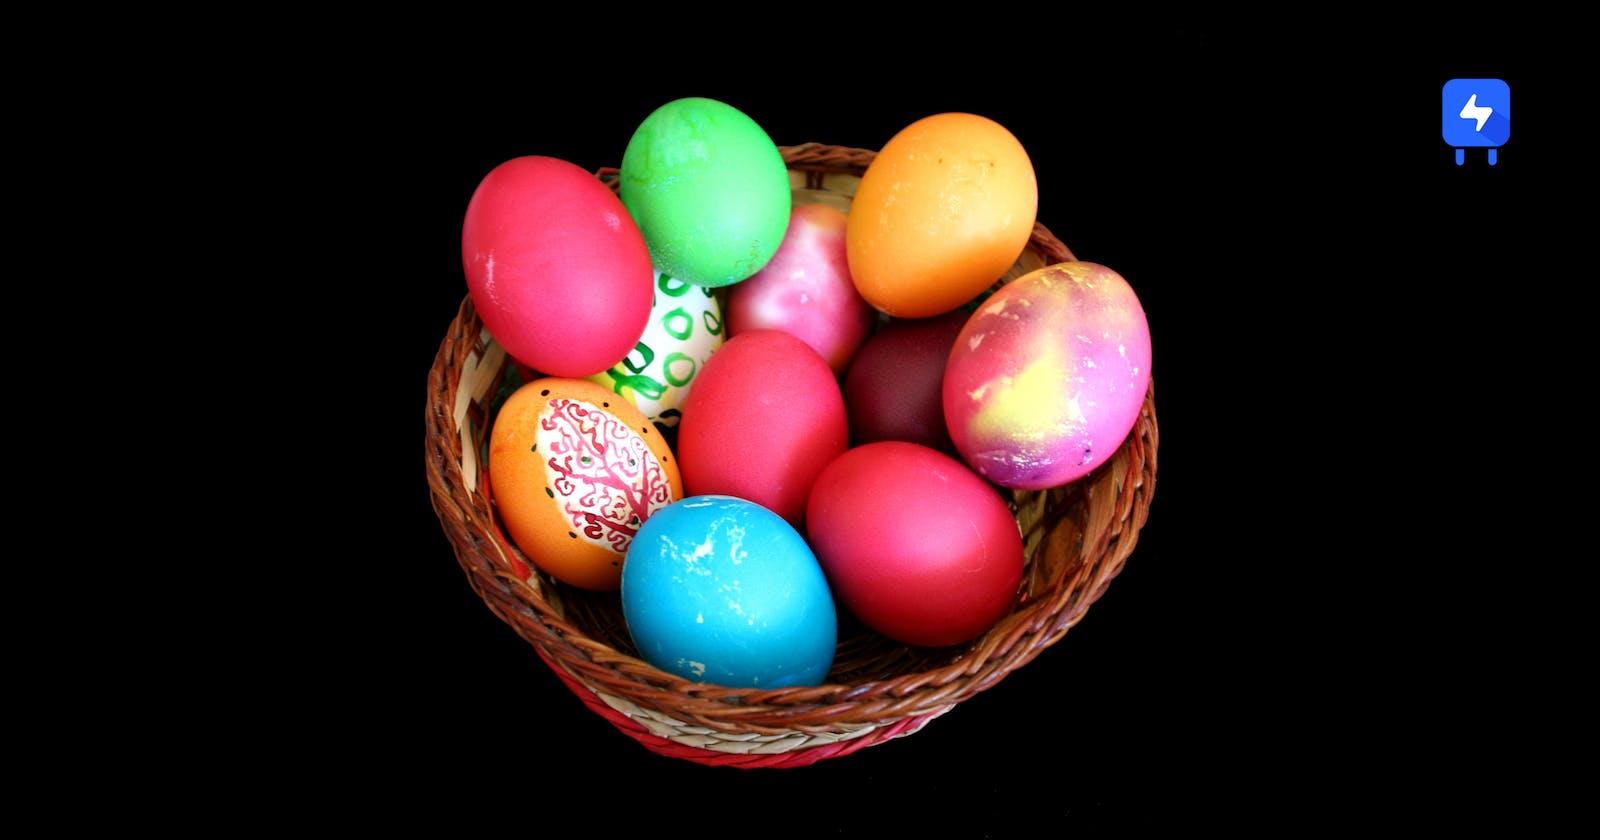 Easter eggs using React Rooks